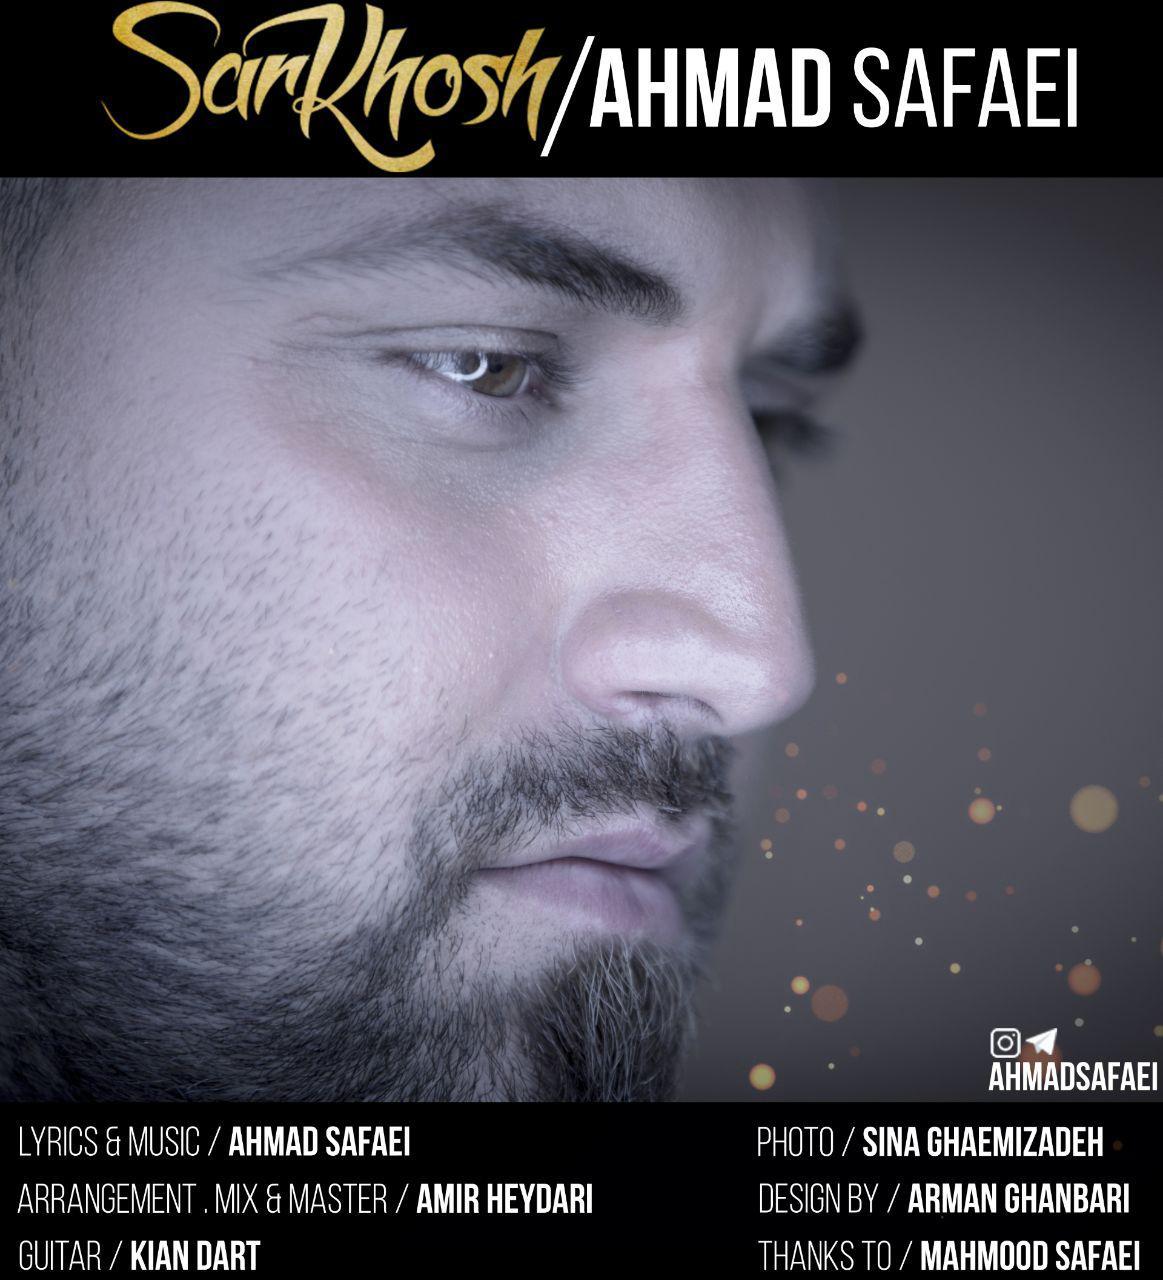 Ahmad Safaei – Sar Khosh